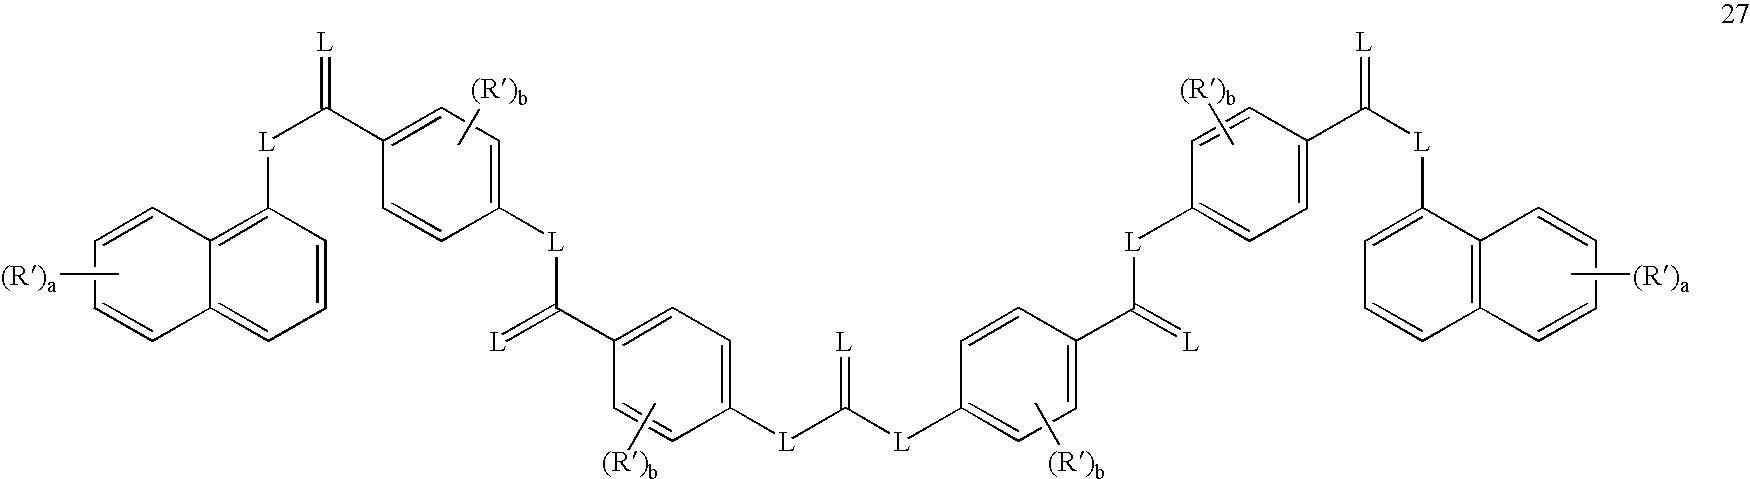 Figure US20070014833A1-20070118-C00069